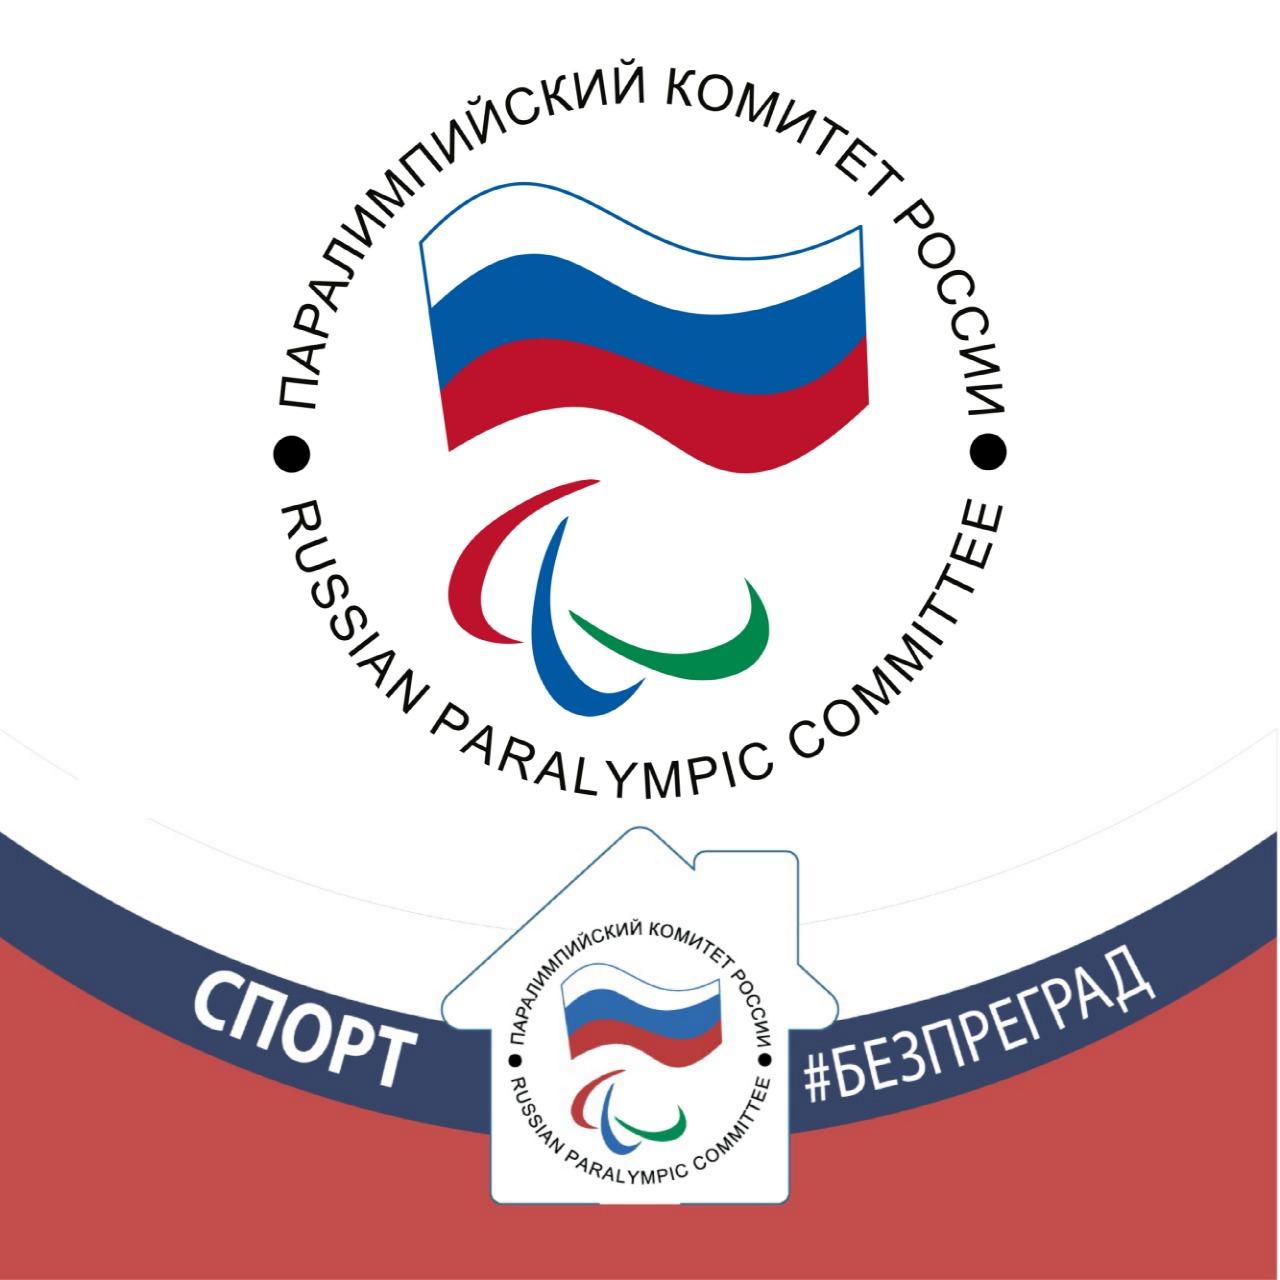 ПКР создал специальную рамку «Спорт #БезПреград» для социальных сетей